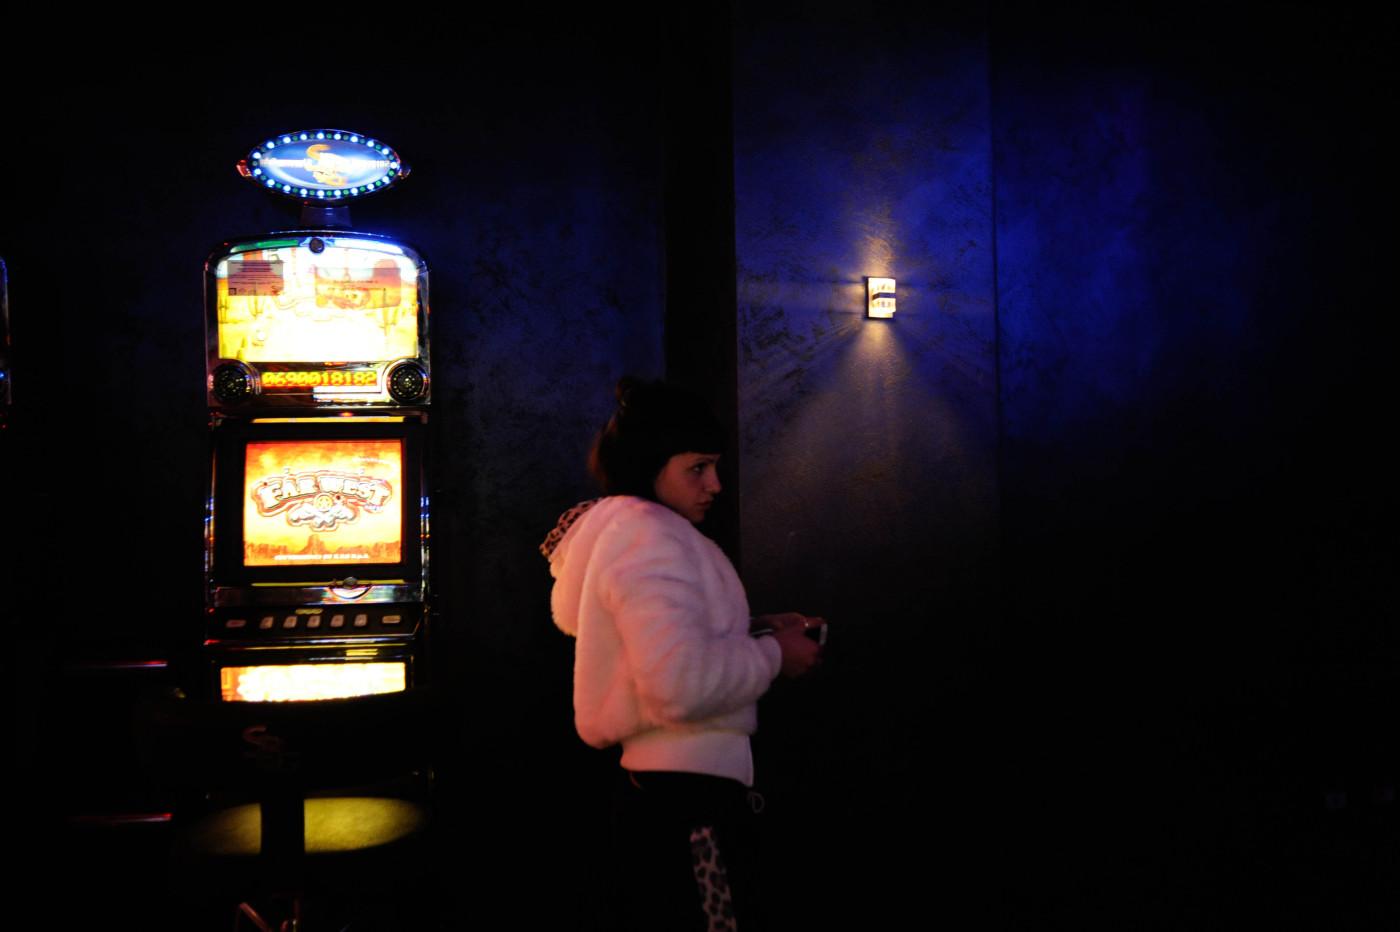 ragazza con slot machine